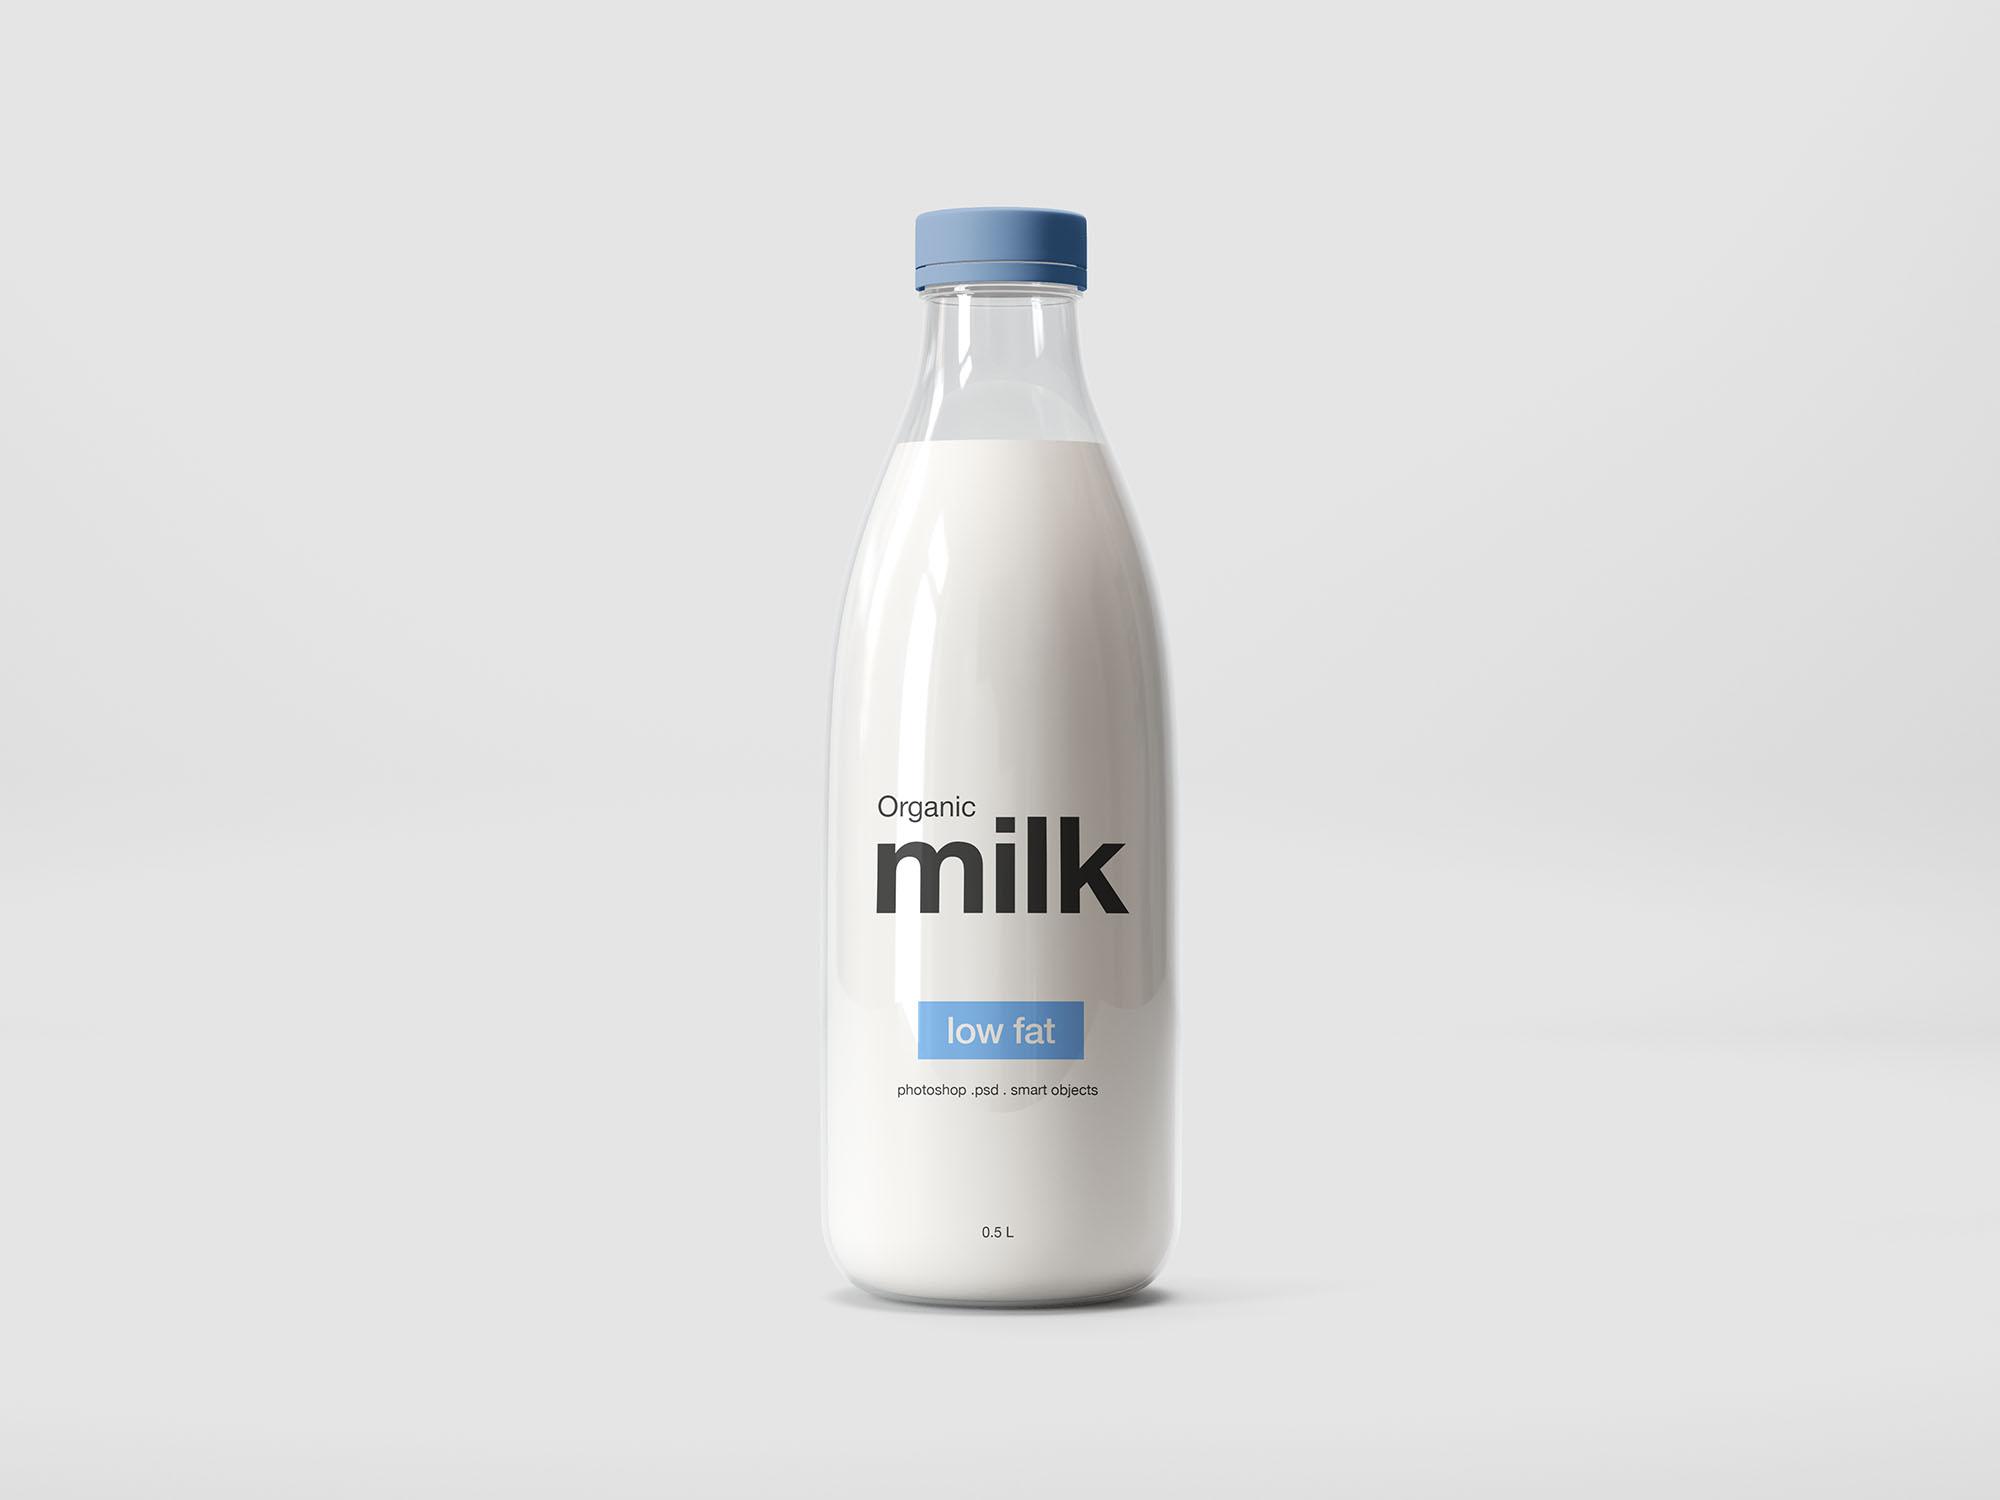 牛奶瓶子样机素材 - PSD源文件下载